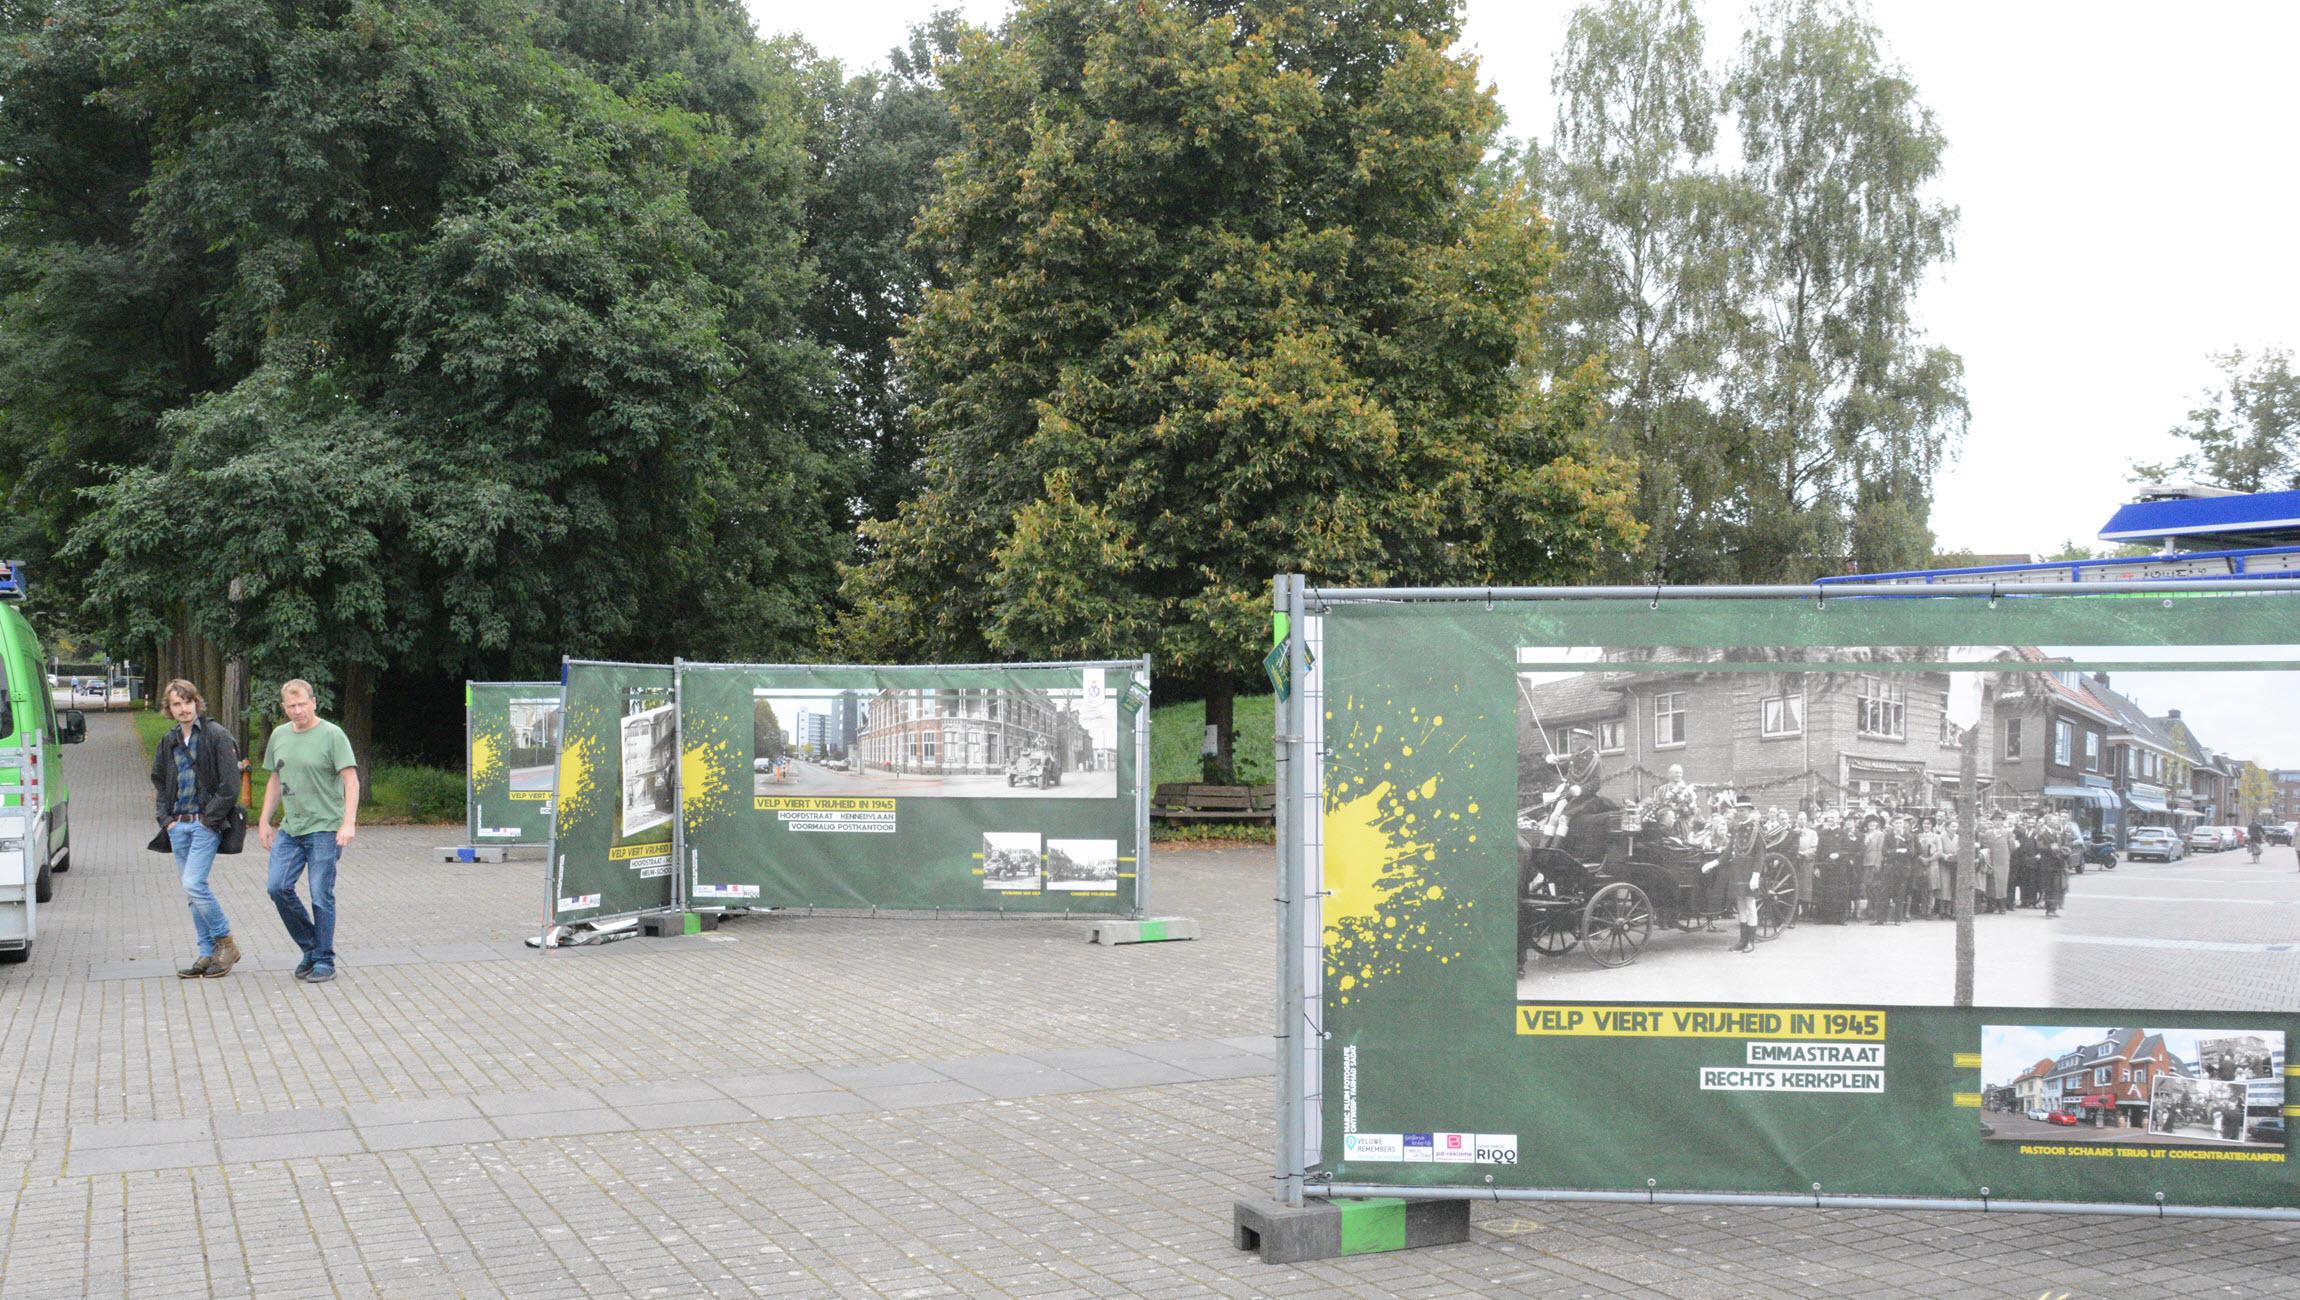 Buitenexpositie 'Velp Viert Vrijheid' op Velps Landgoed